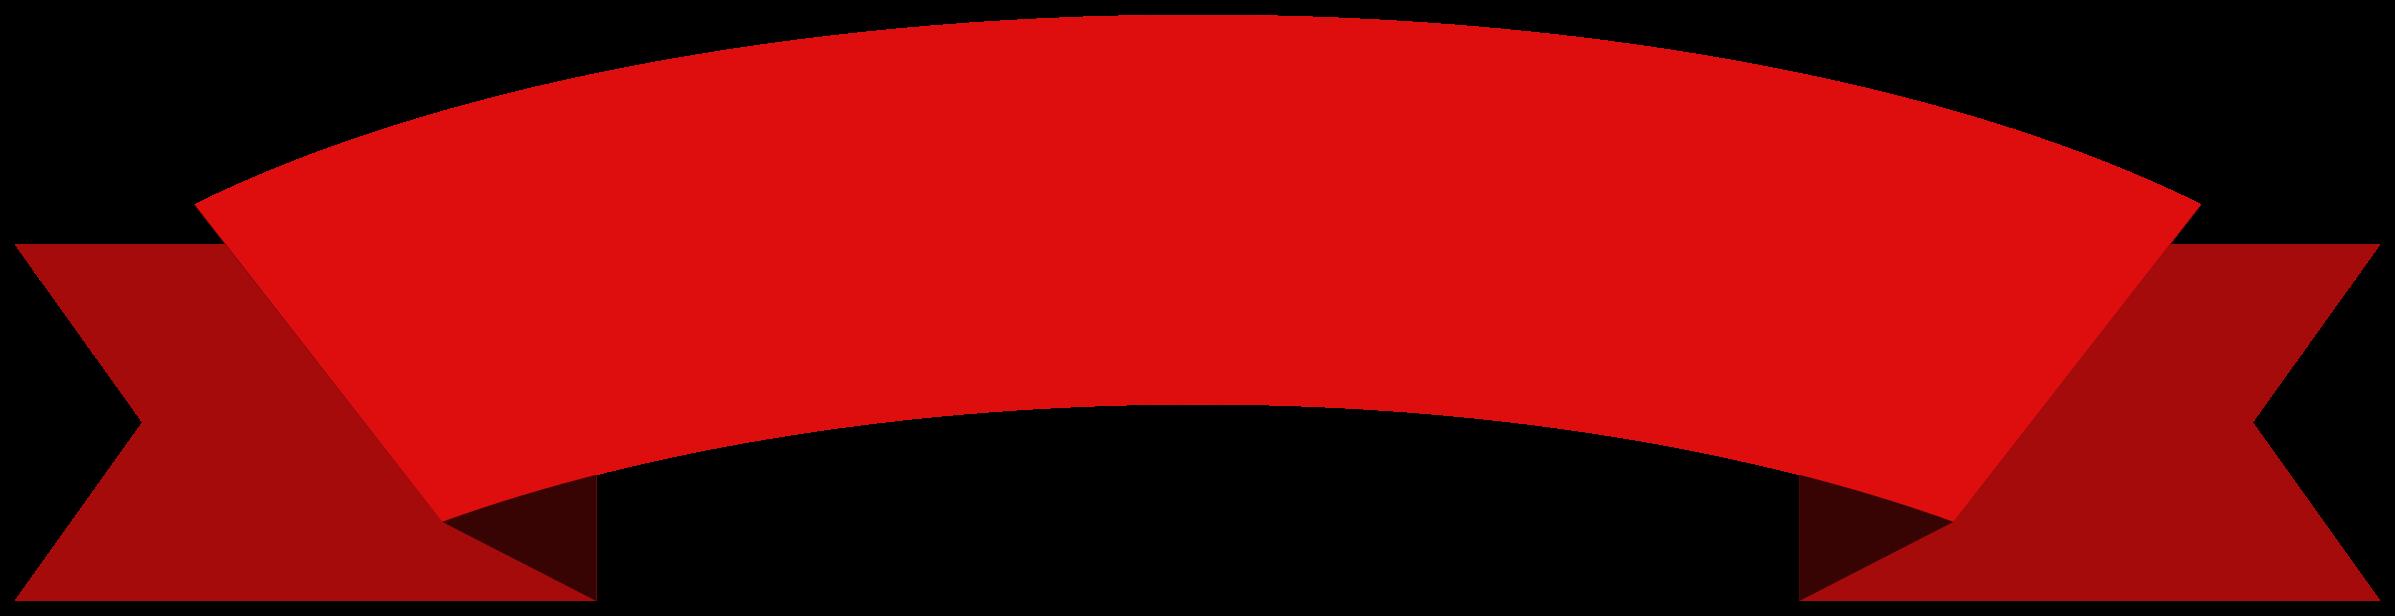 listón rojo png